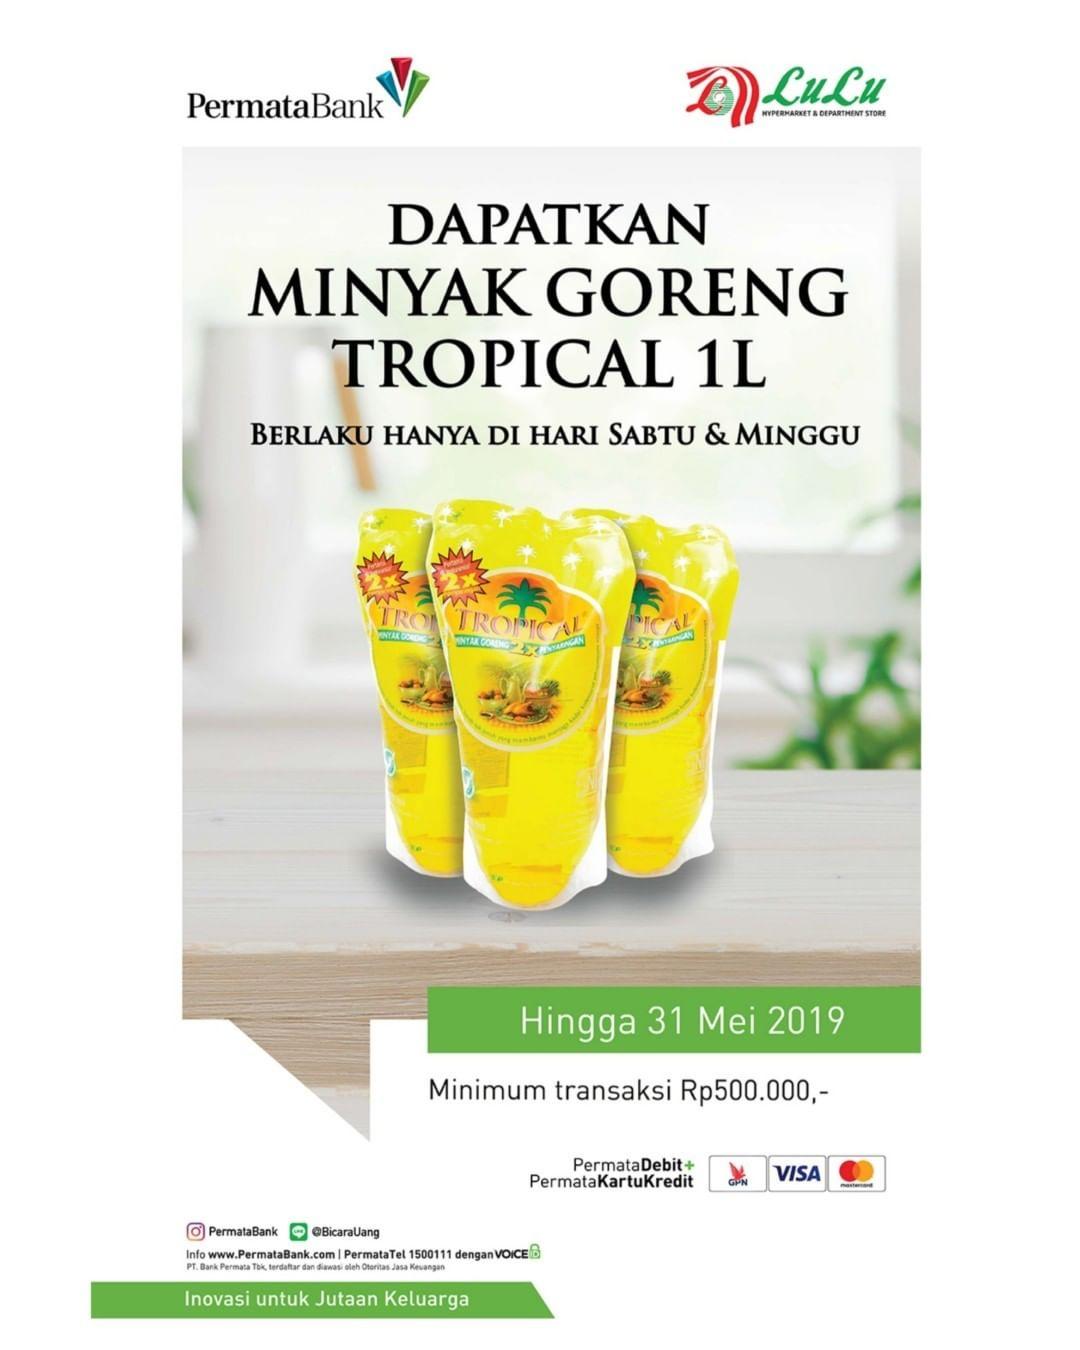 #LuluStore - #Promo Gratis Minyak Goreng Tropical 1L Pakai Permata Bank (s.d 31 Mei 2019)